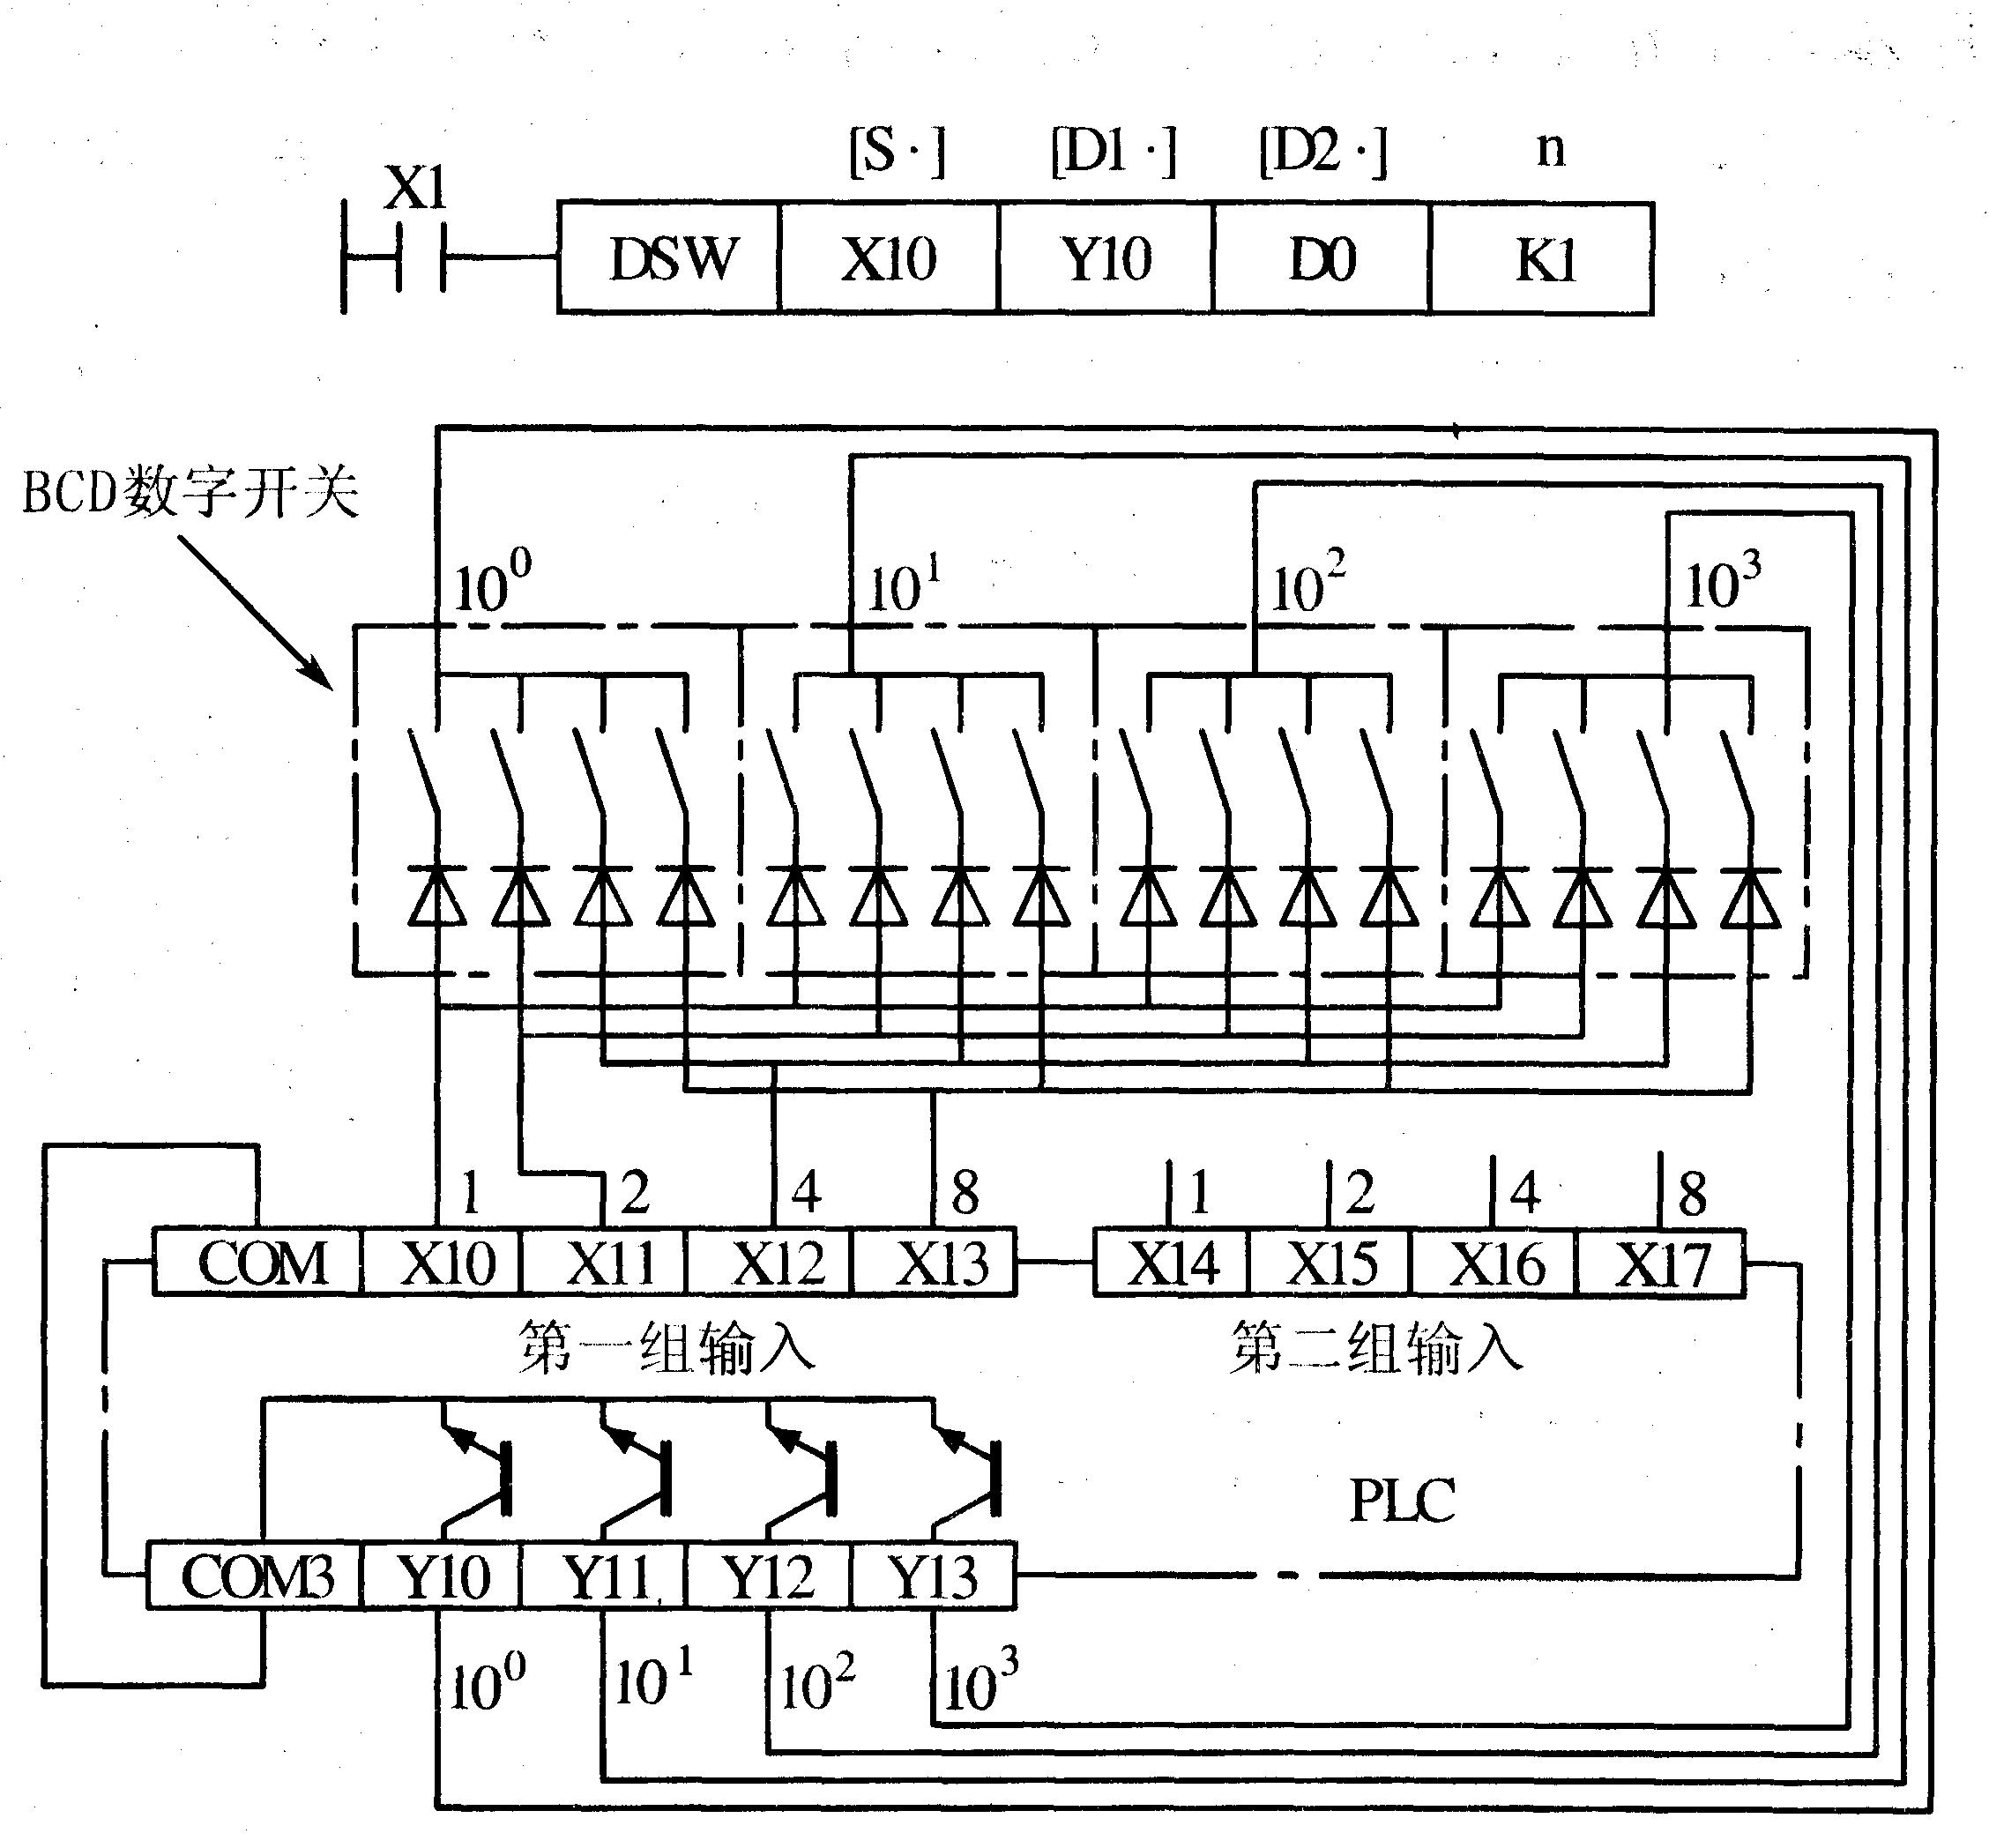 图3-72 10键输入指令的使用 当按下X2后,M12置1并保持至另一键被按下,其它键也一样。M10~M19动作对应于X0~X11。任一键按下,键信号置1直到该键放开。当两个或更多的键被按下时,则首先按下的键有效。X30变为OFF时,D0中的数据保持不变,但M10~M20全部为OFF。此指令的源操作数可取X、Y、M、和S,目标操作数[D.